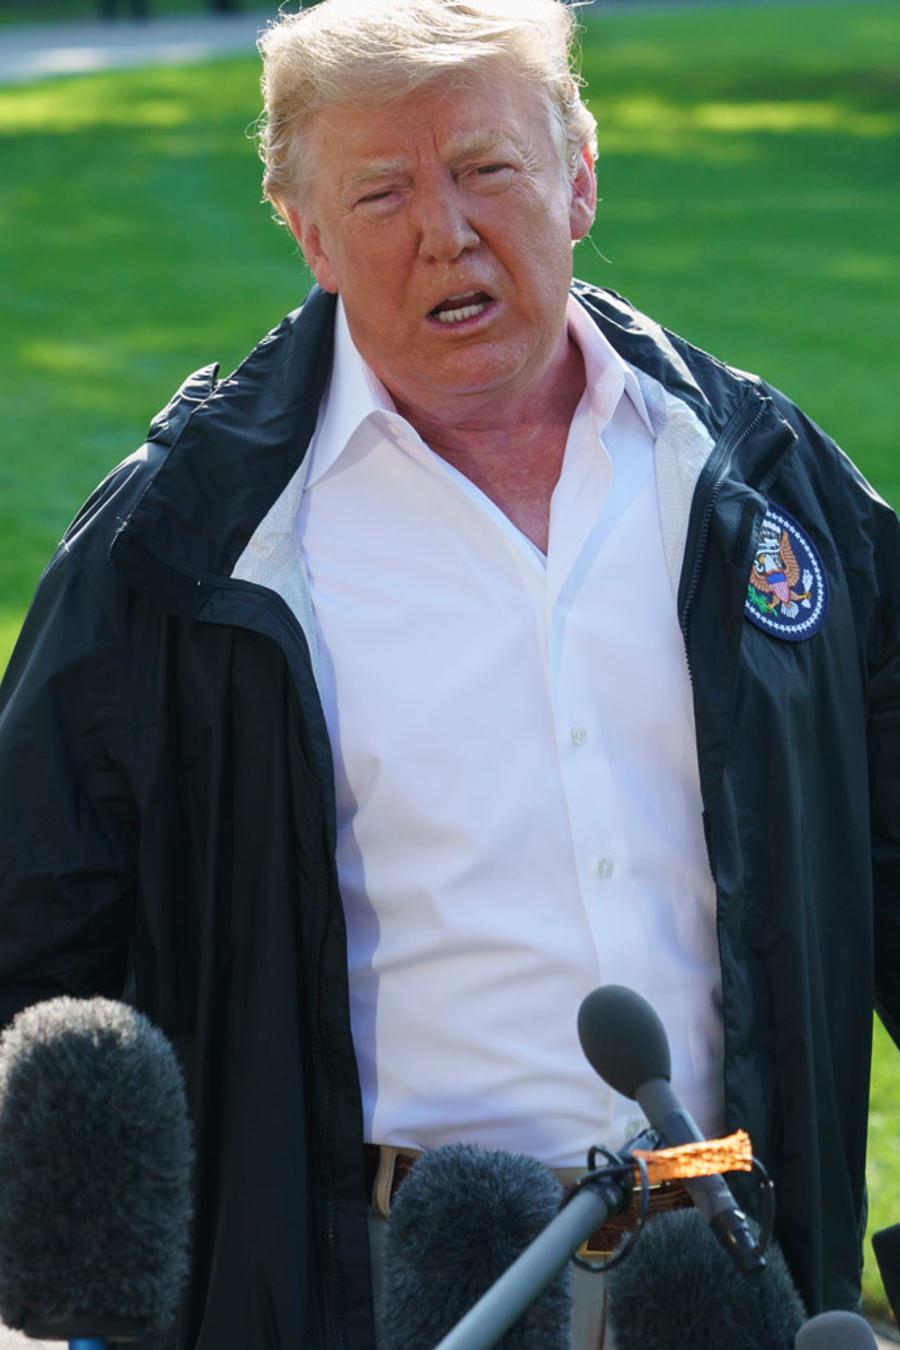 El presidente Trump habla a la prensa antes de partir hacia Carolina del Norte, el 19 de septiembre